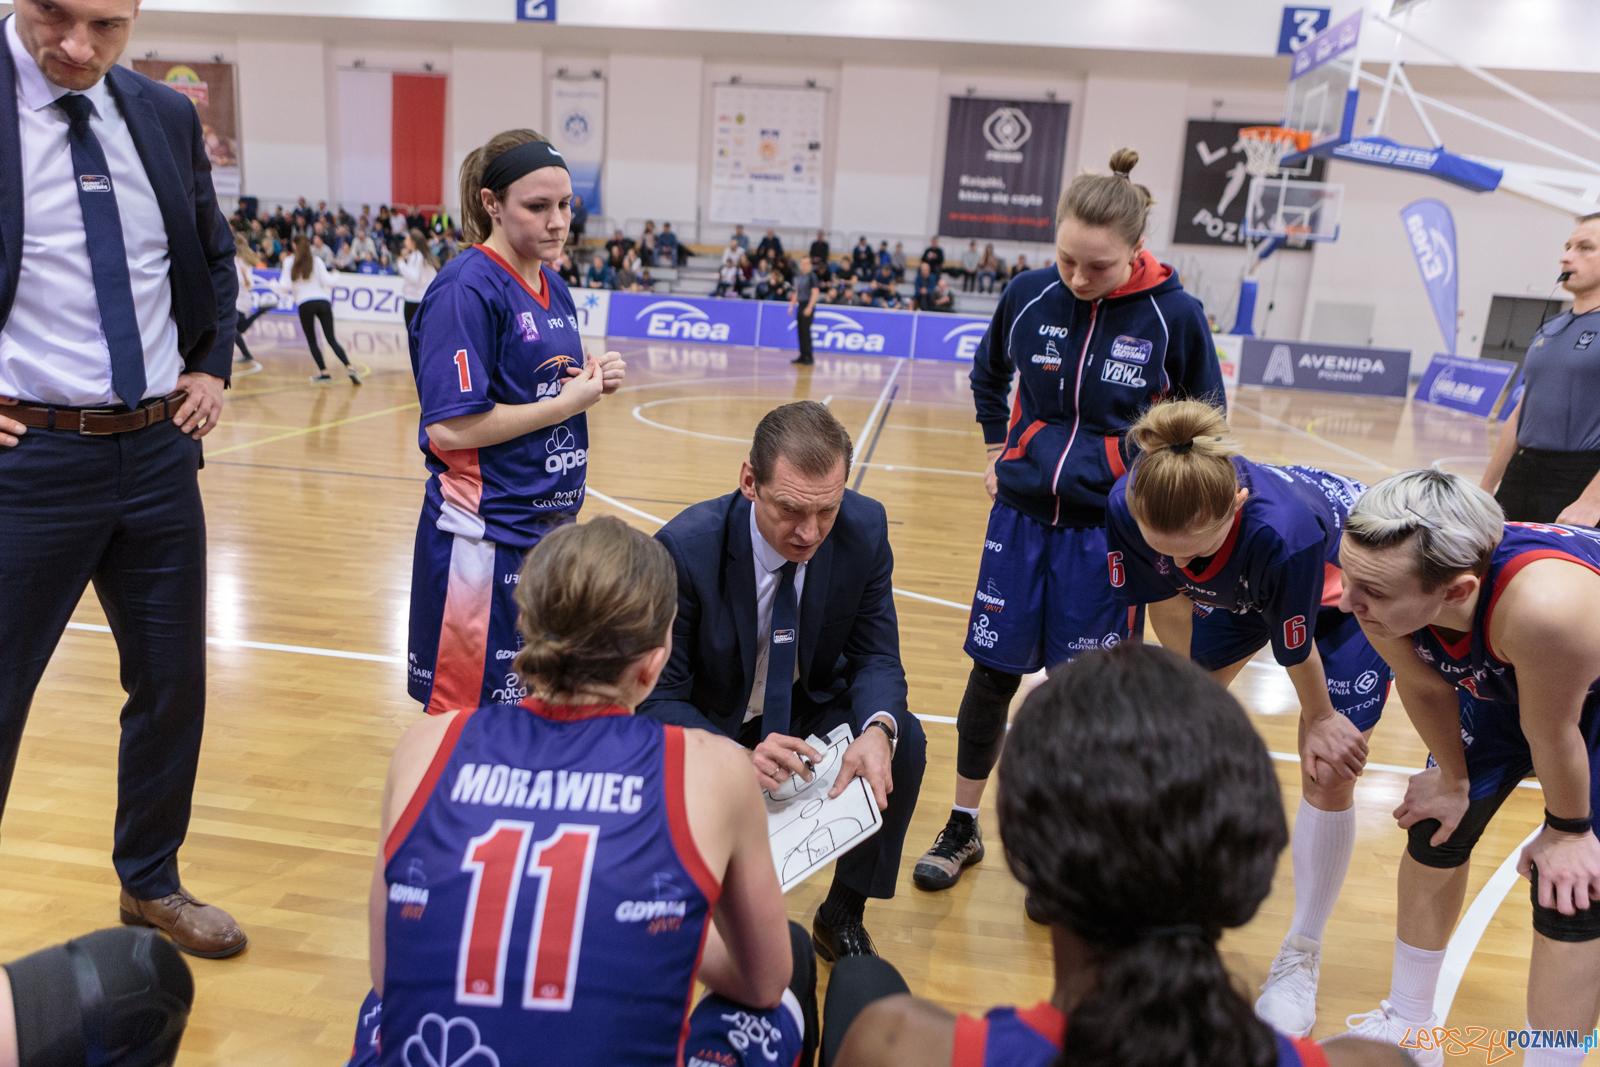 BLK: Enea AZS Poznań - Basket 90 Gdynia 70:68 - Poznań 07.01.2  Foto: Pawel Rychter